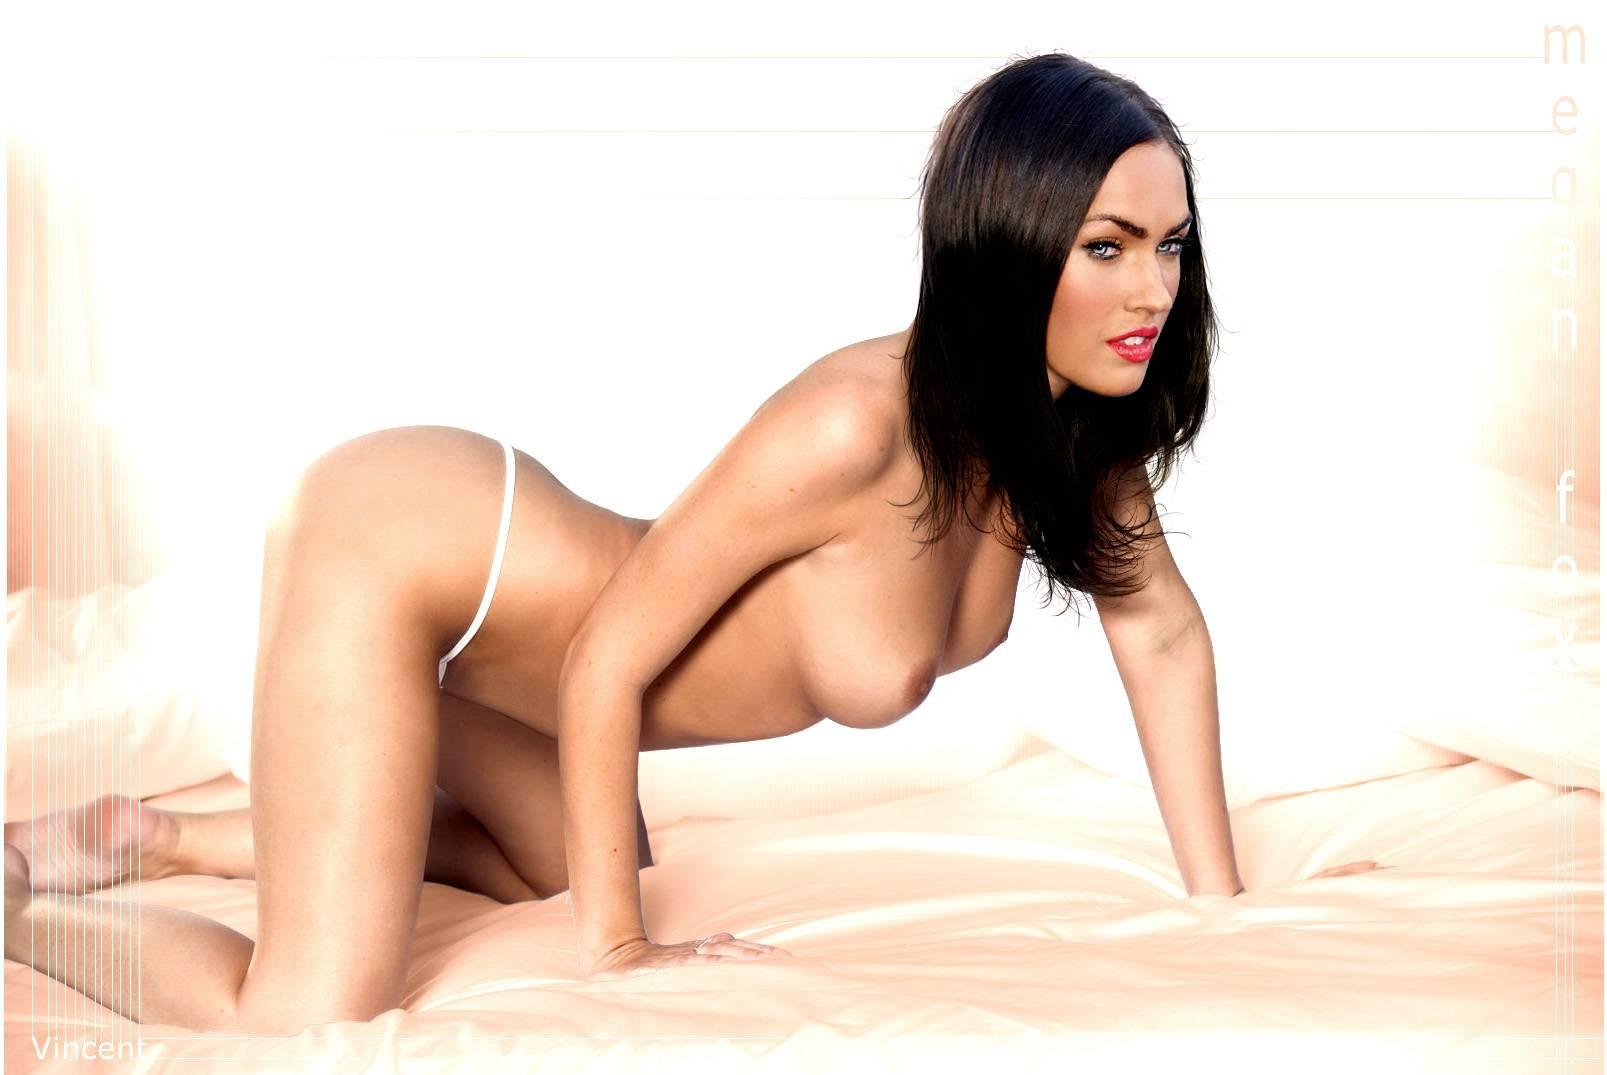 Megan fox sexy scene in jennifer's body